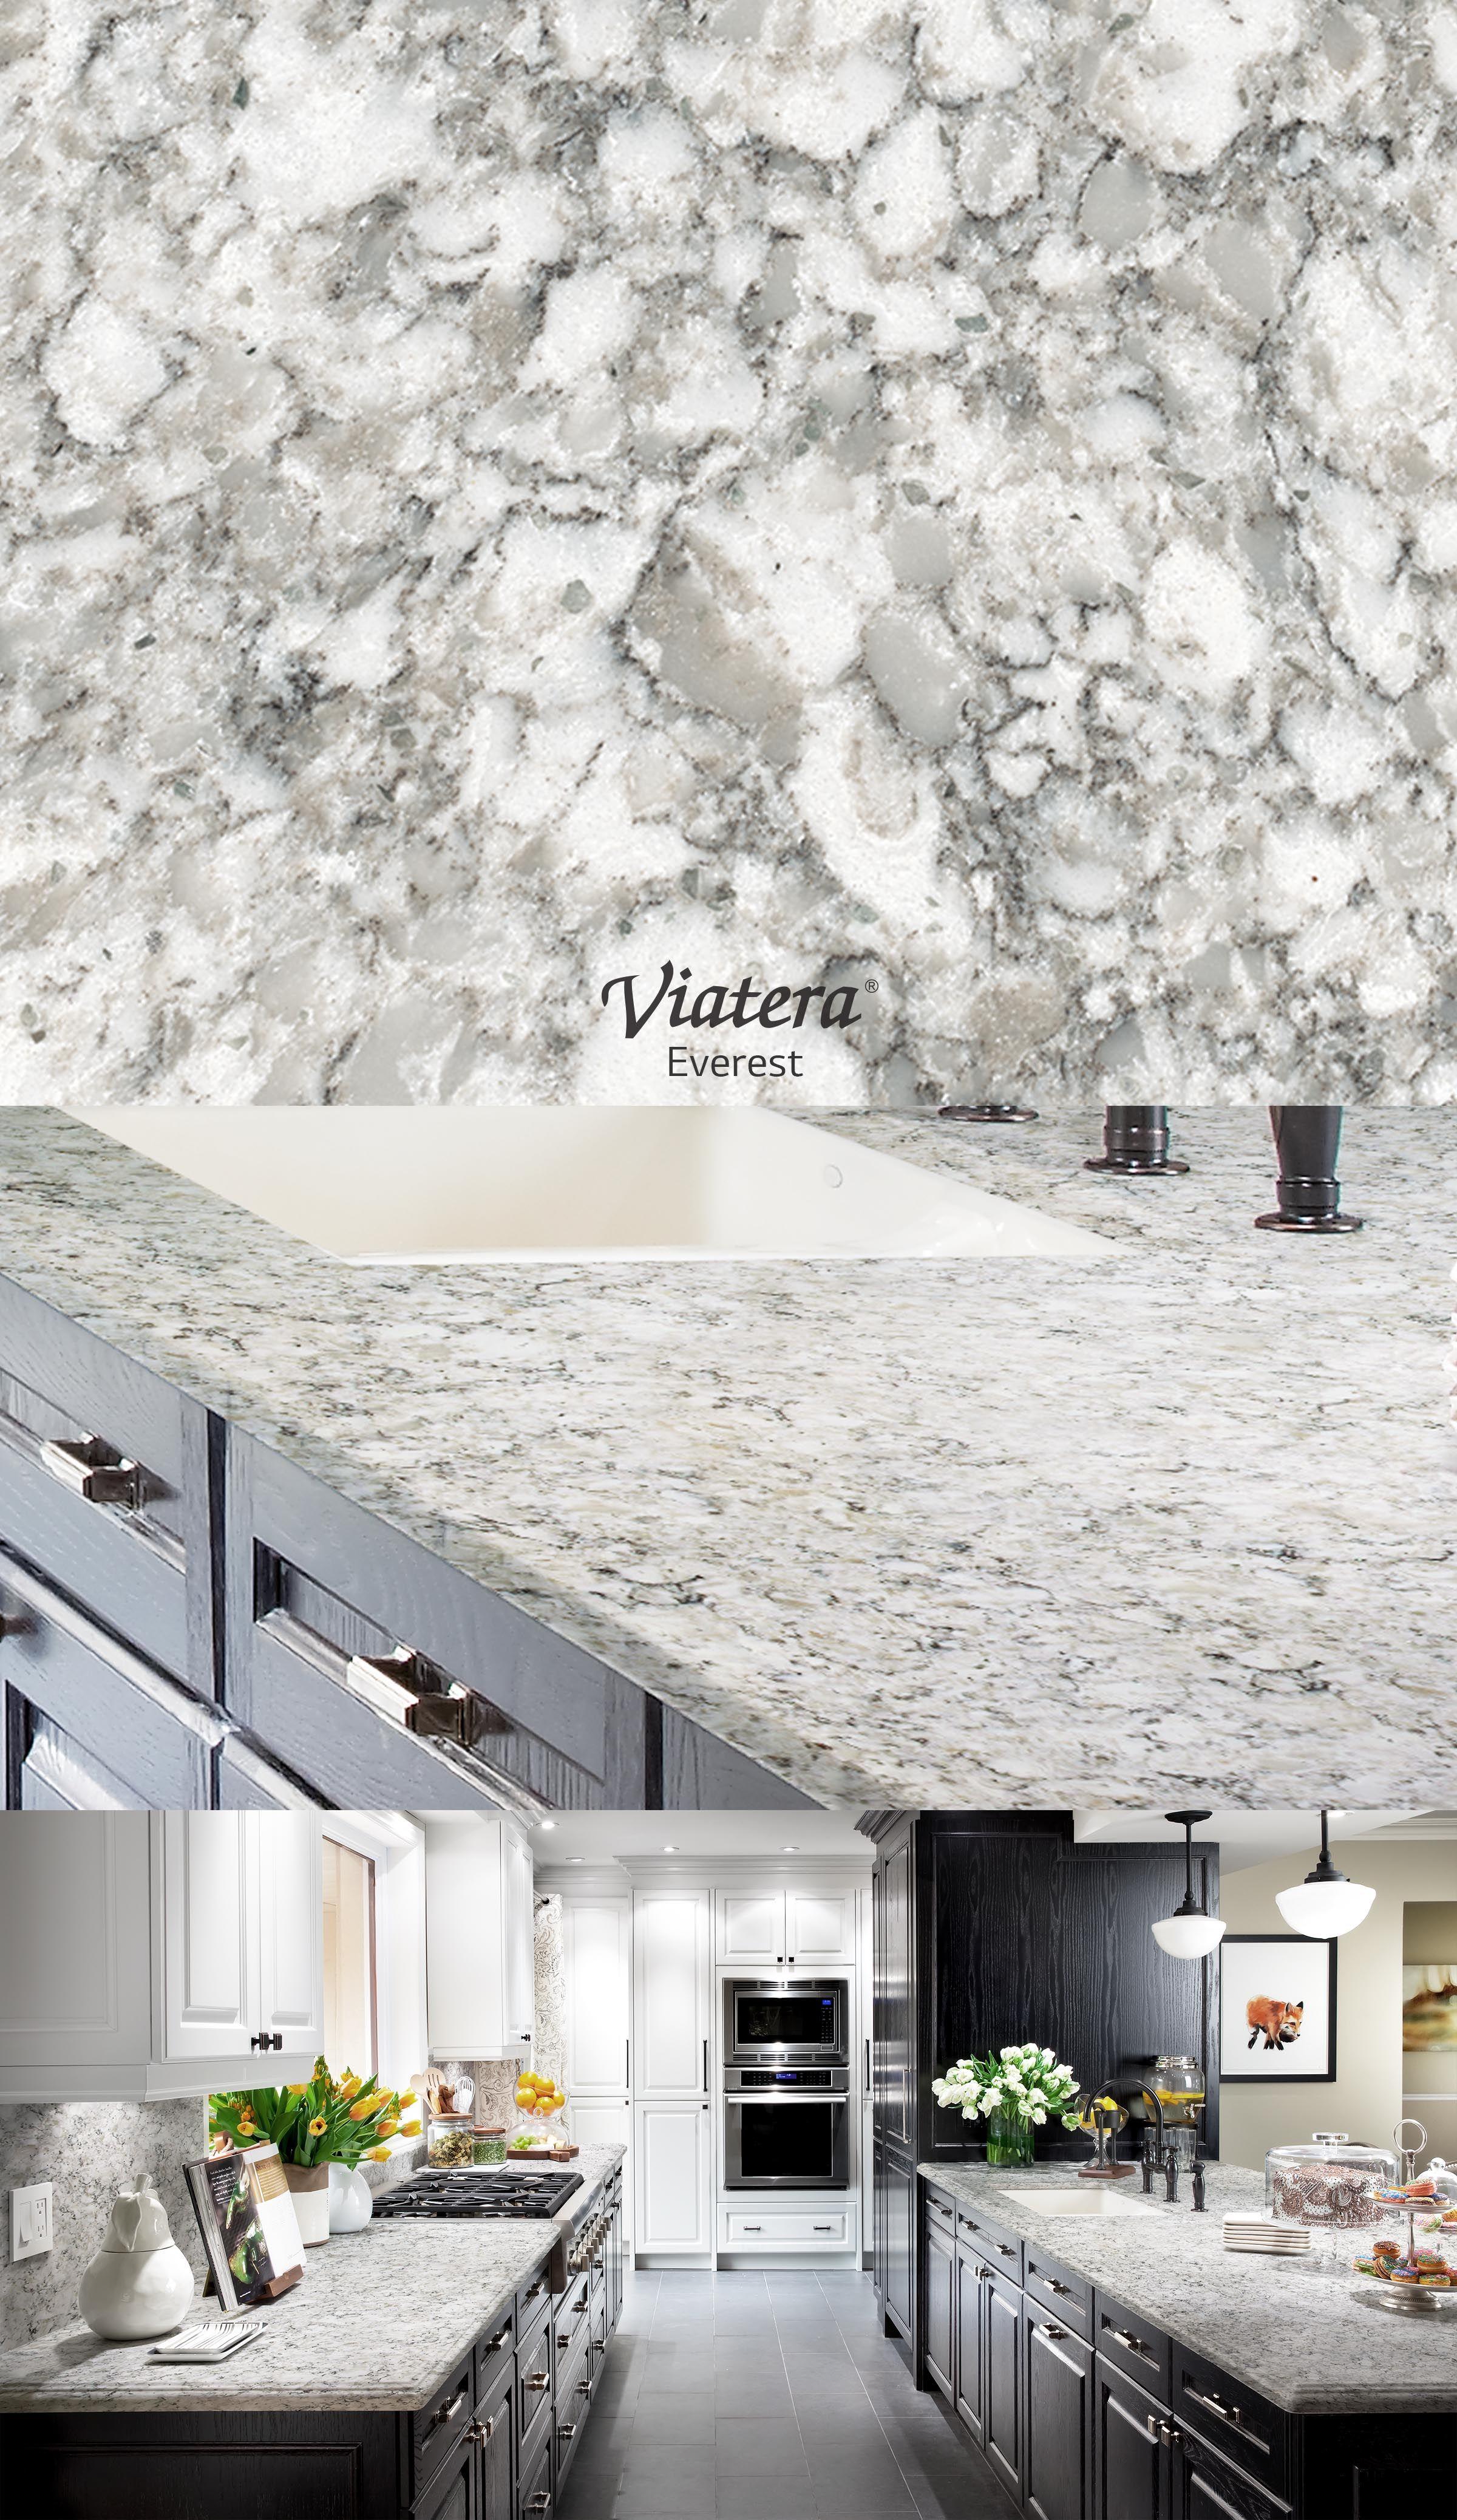 Viatera Everest L Quartz Countertop Grey Inspiration